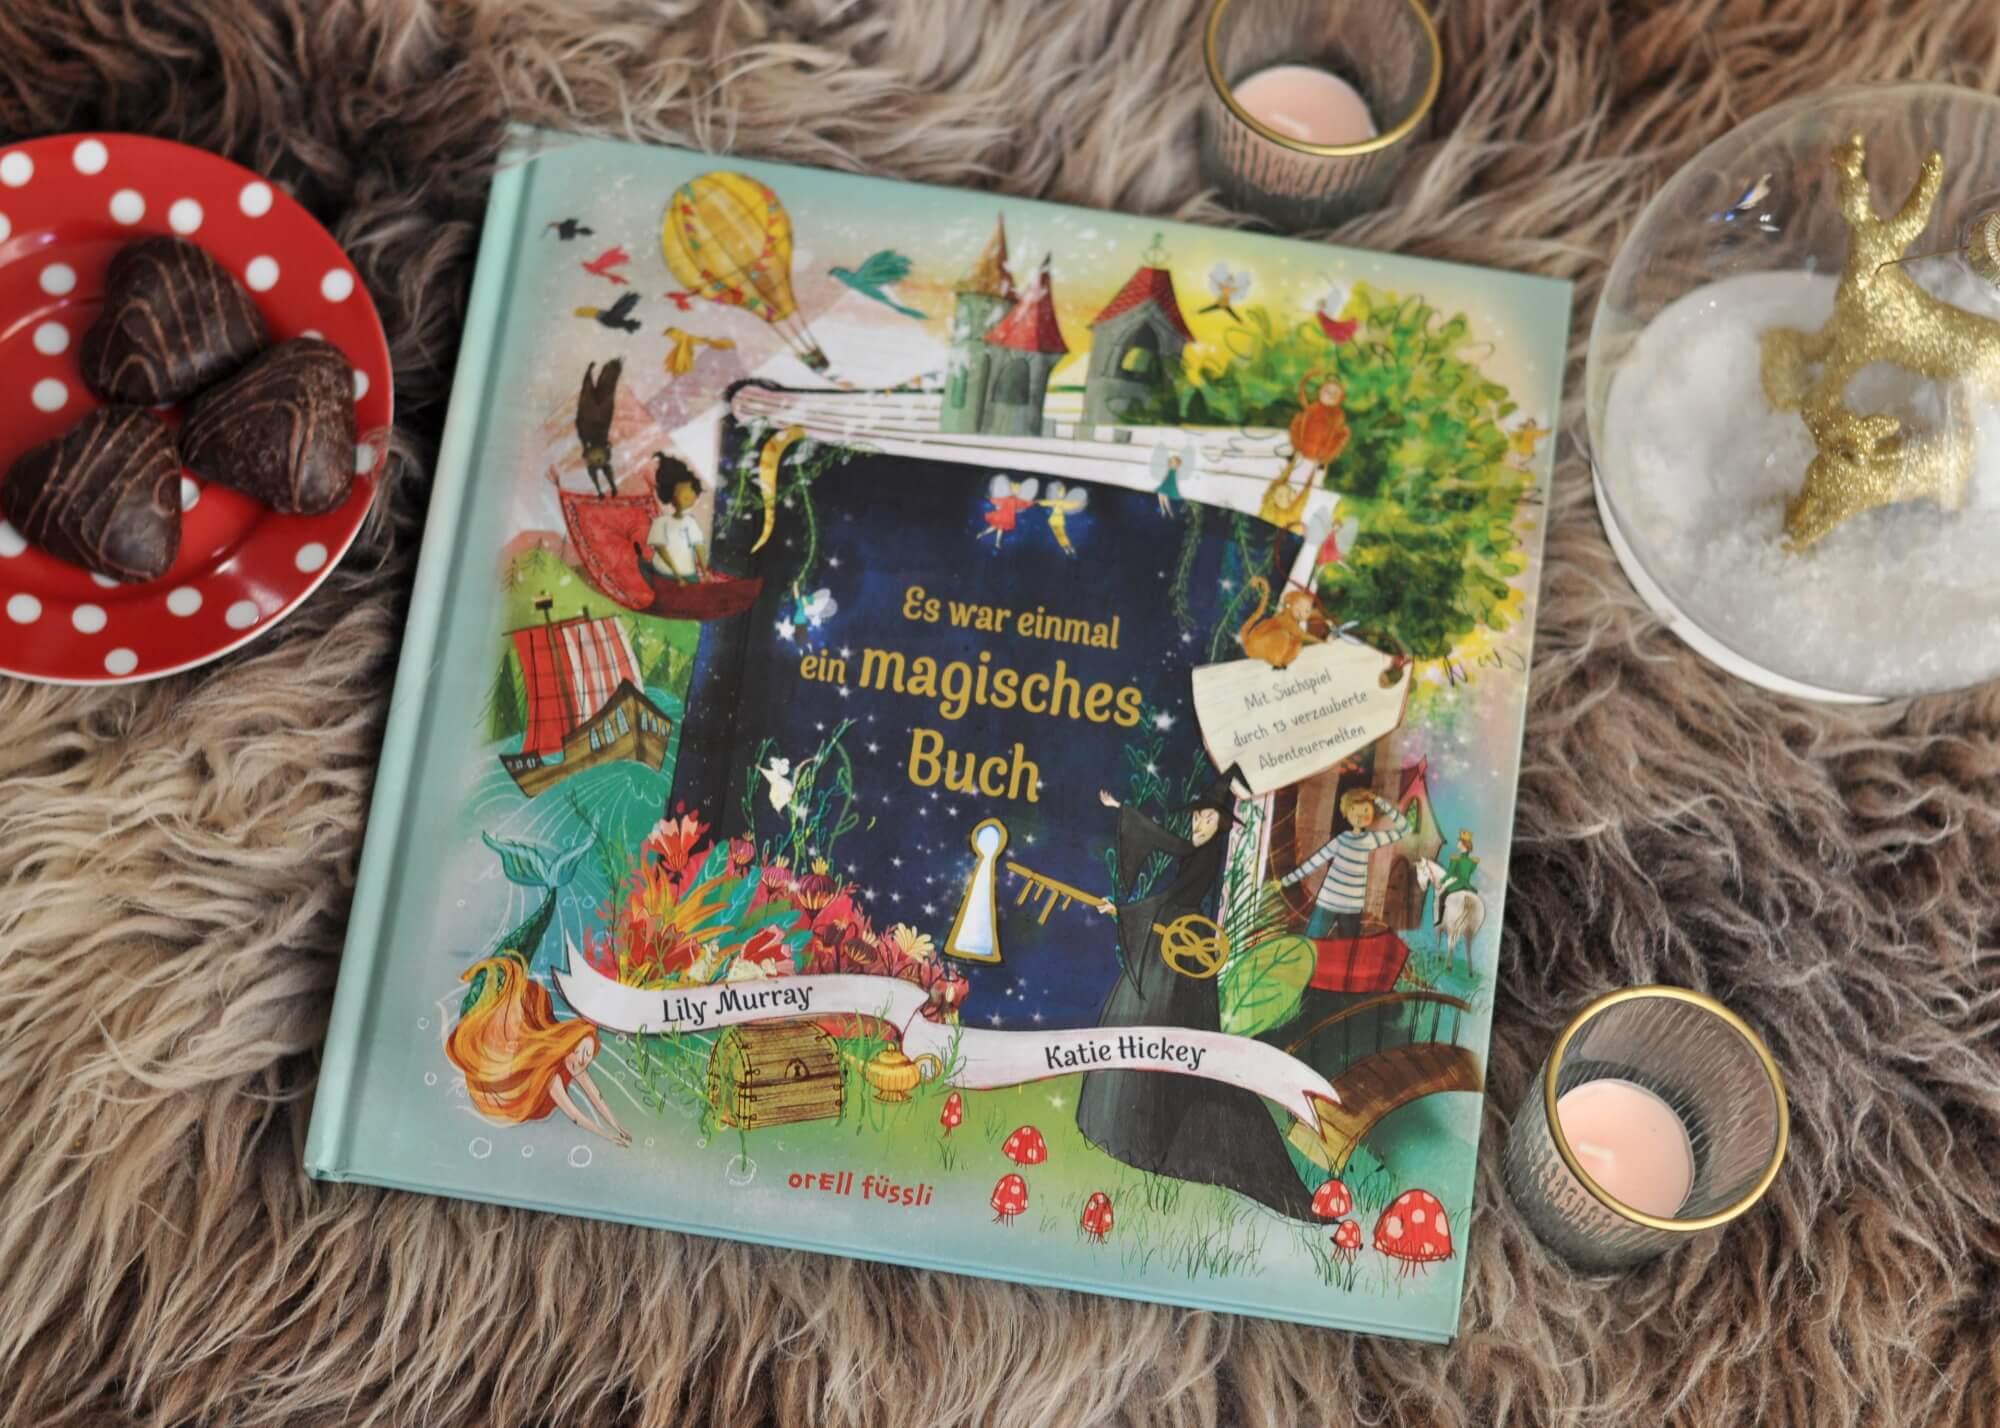 war einmal ein magisches Buch führt durch 13 magische Abenteuerwelten, die wie zauberhafte Wimmelbilder gestaltet sind. Dabei müssen passend zu der Geschichte verschiedene Rätsel gelöst werden, um Sophie und Jakob wieder aus dem Buch heraus zu helfen. #märchen #magie #suchen #bilderbuch #kinder #wimmelbild #raten #rätsel #hexe